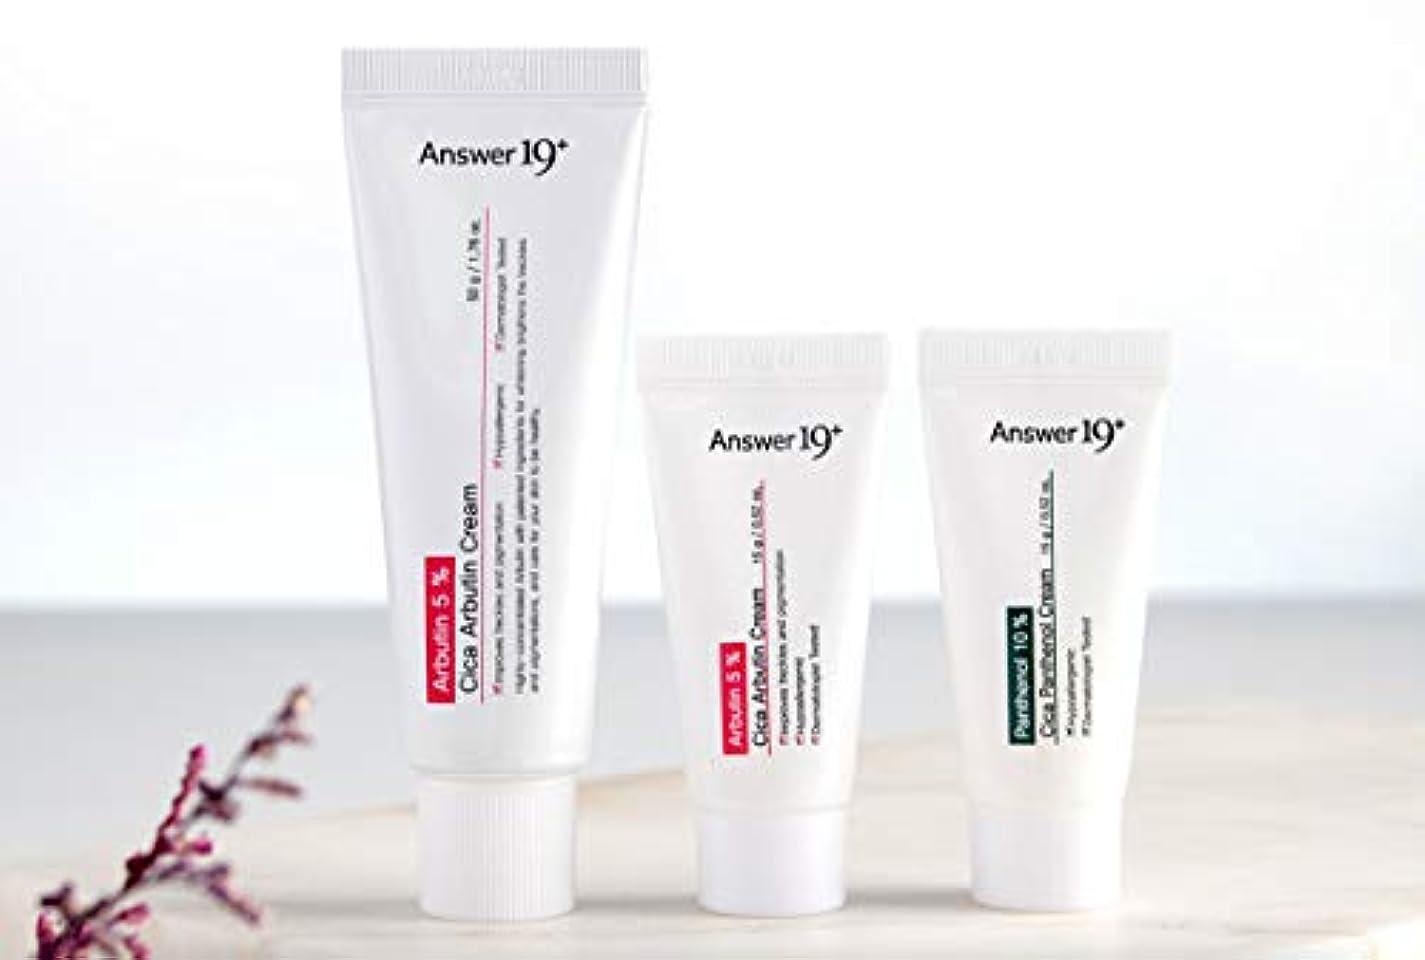 結果としてまとめる凍るCICAアルブチンクリームセット(50g + 15g + 15g) - アルブチン5%、保湿